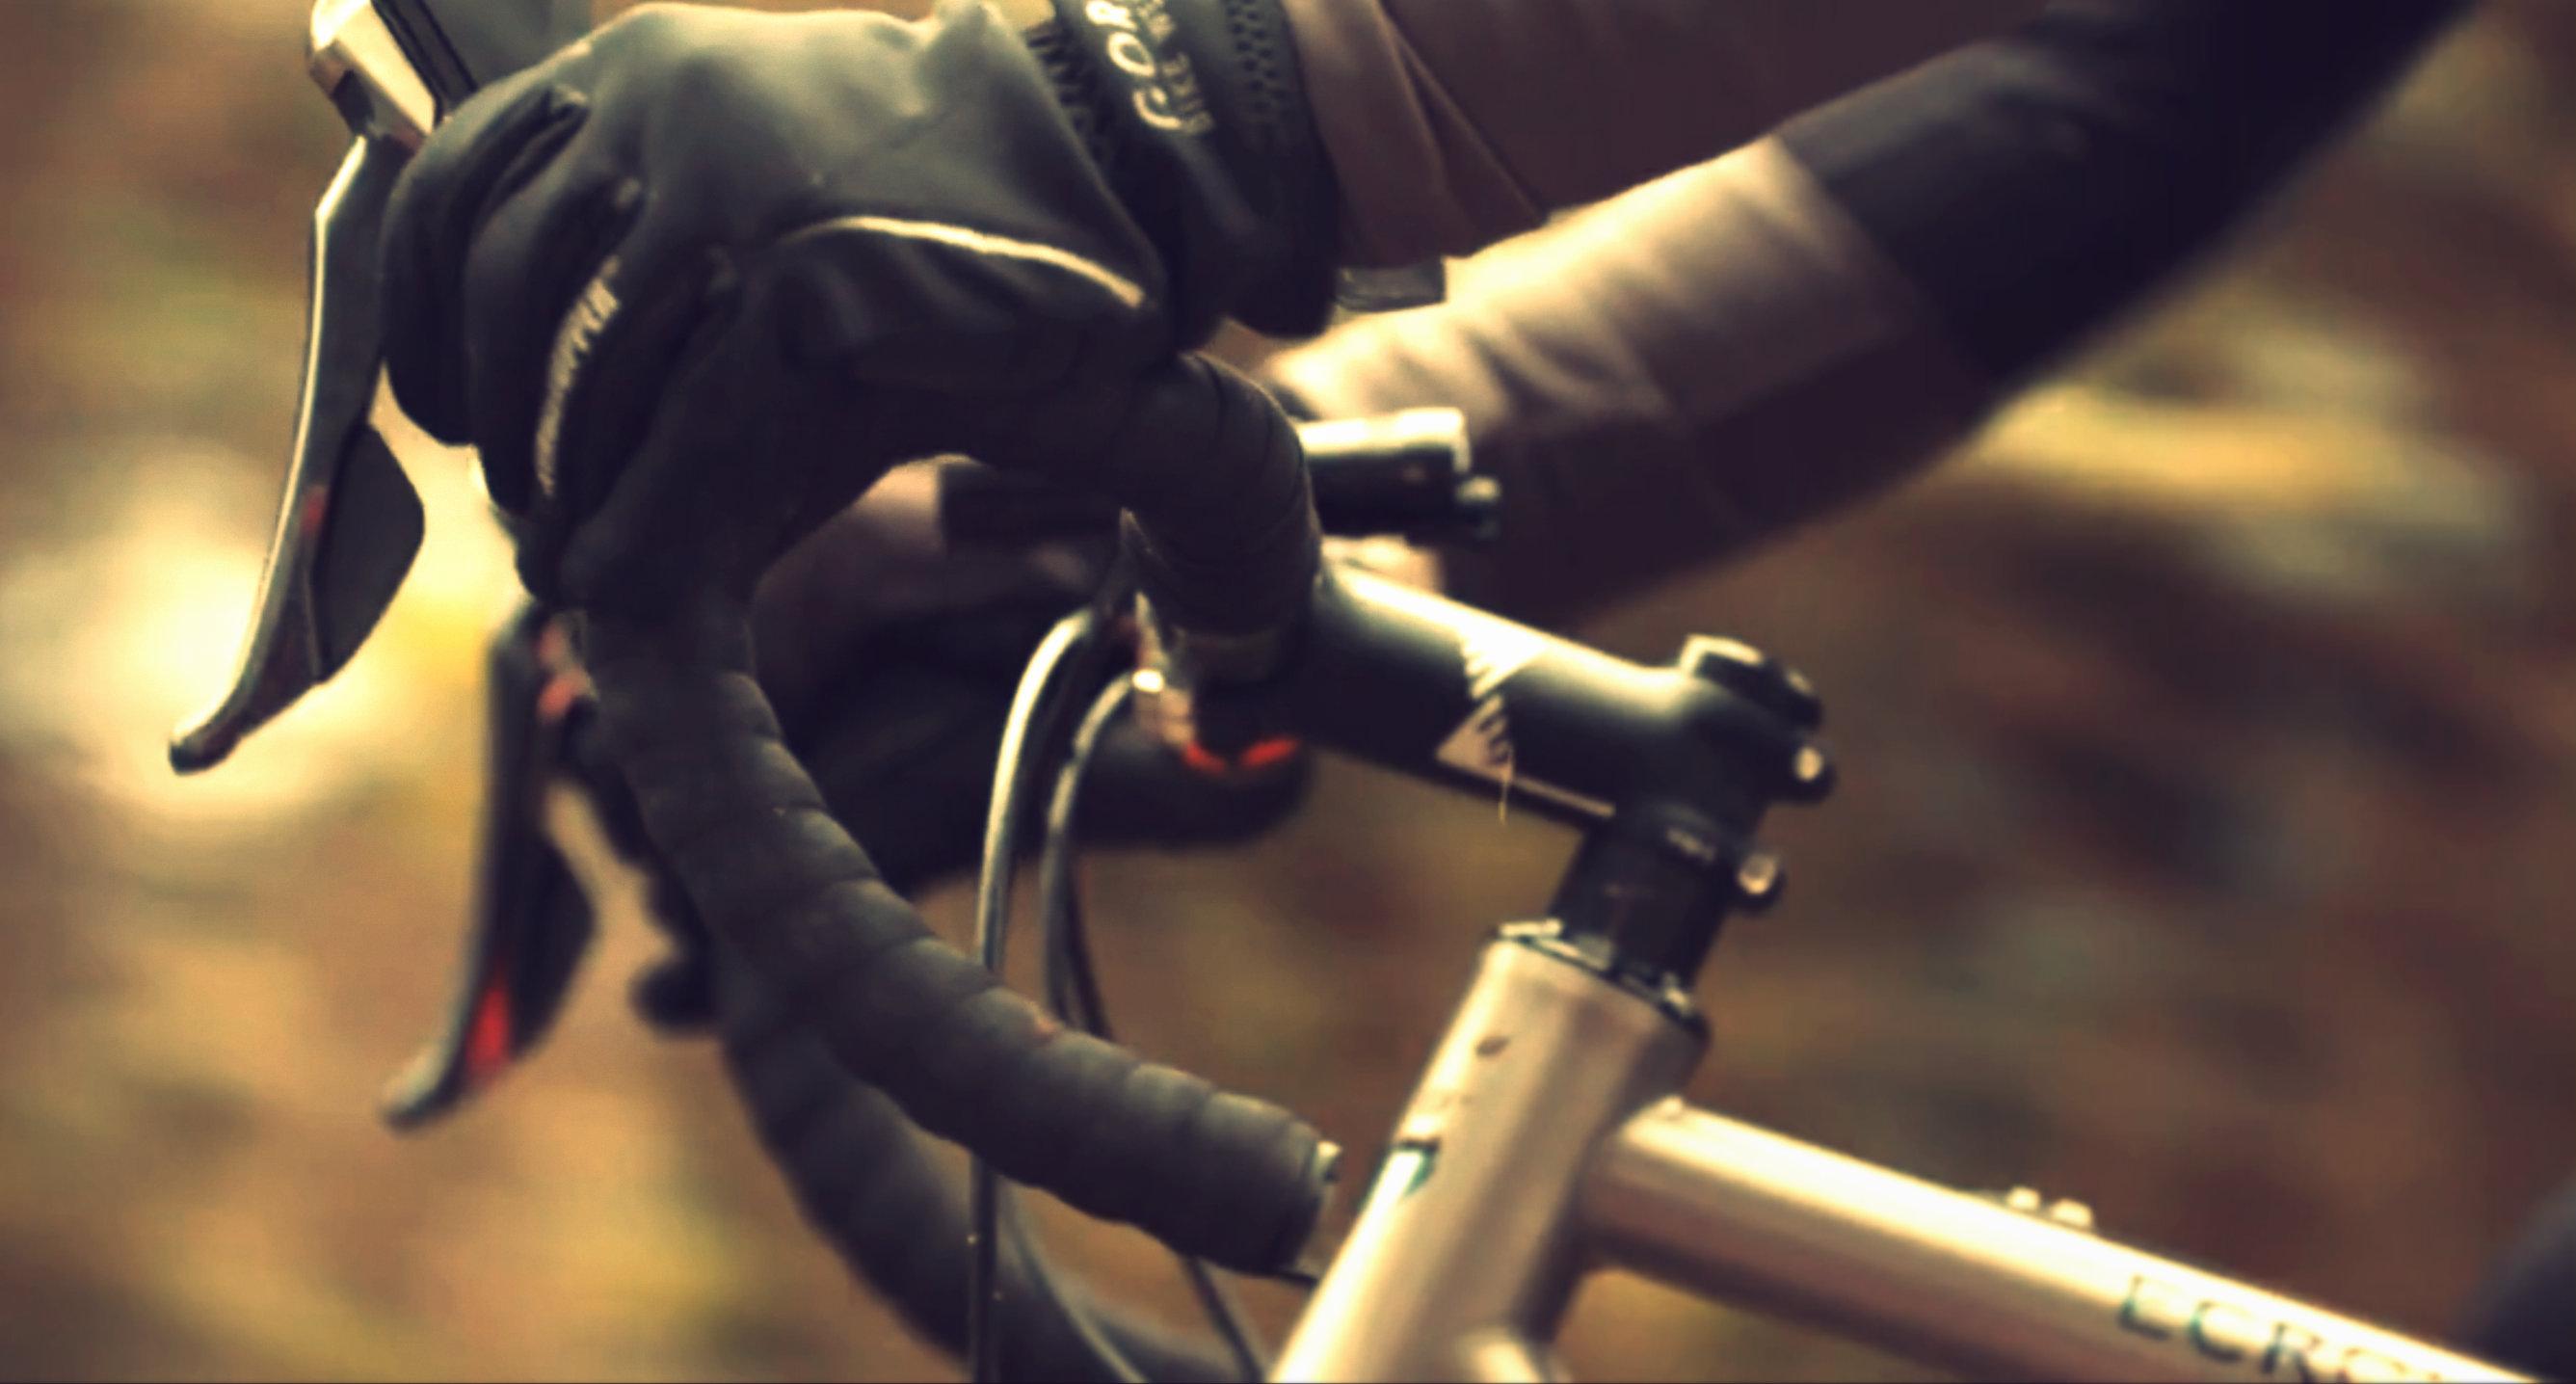 Enigma Bikes